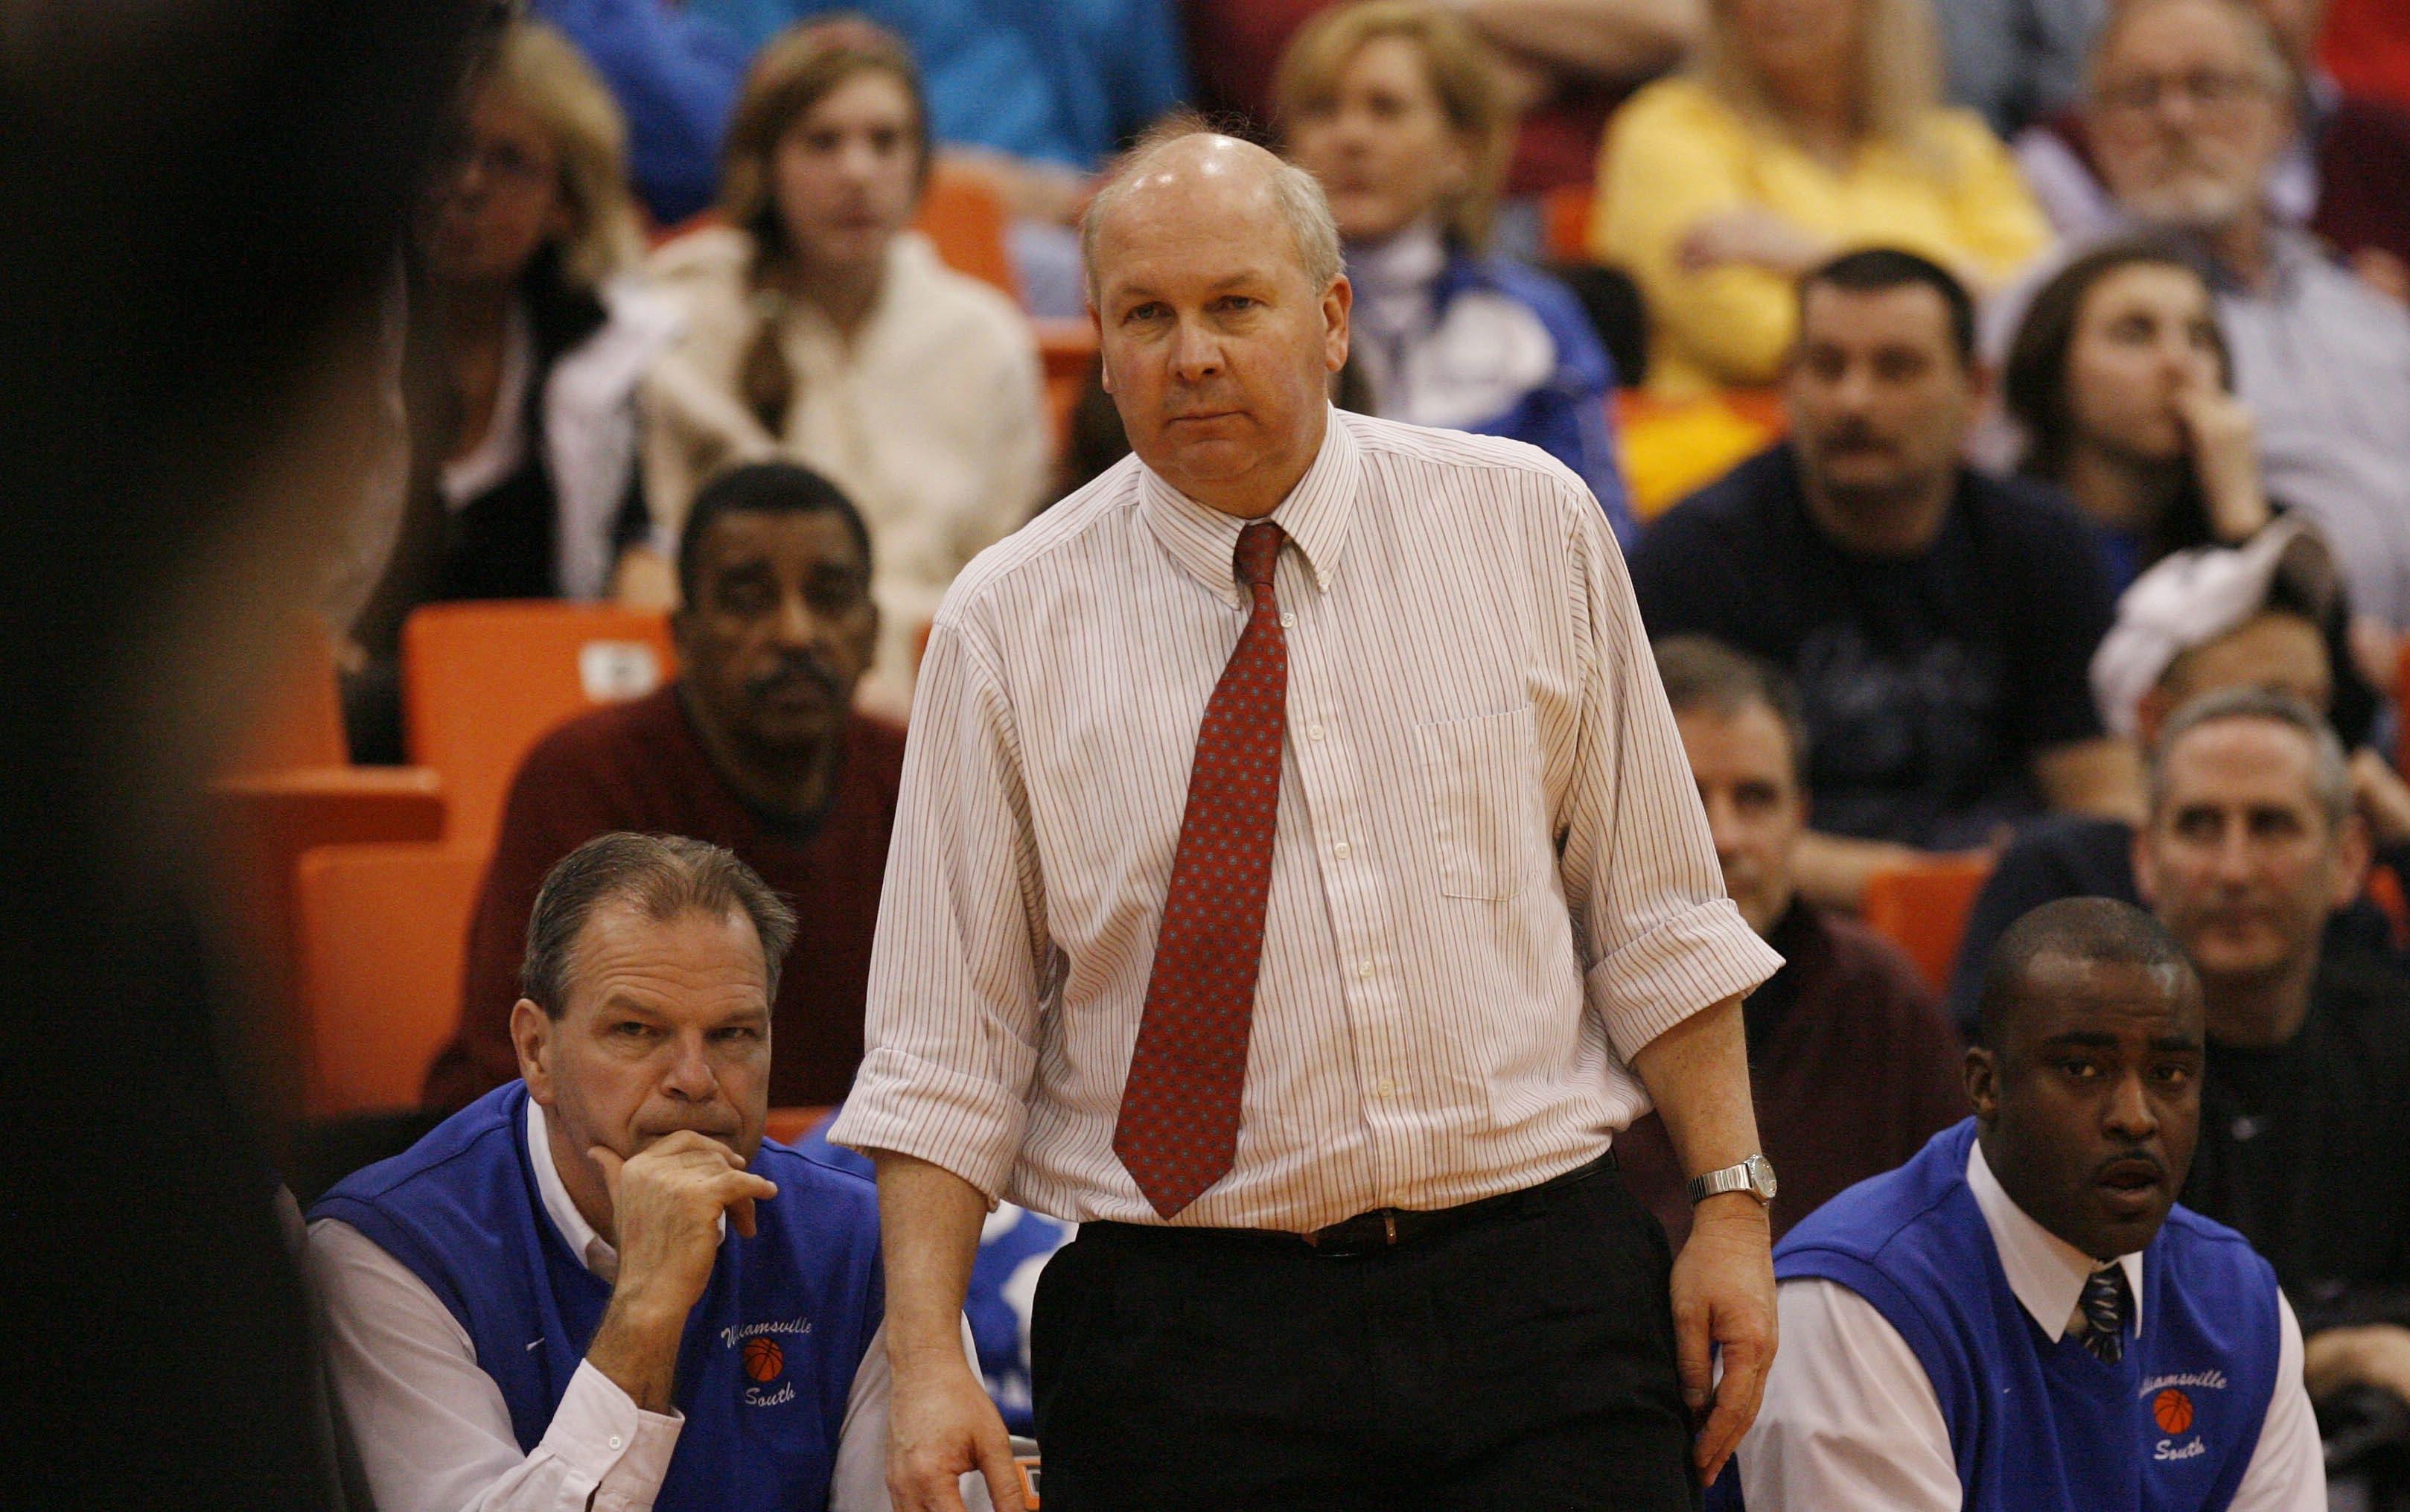 Allan Monaco coached basketball.